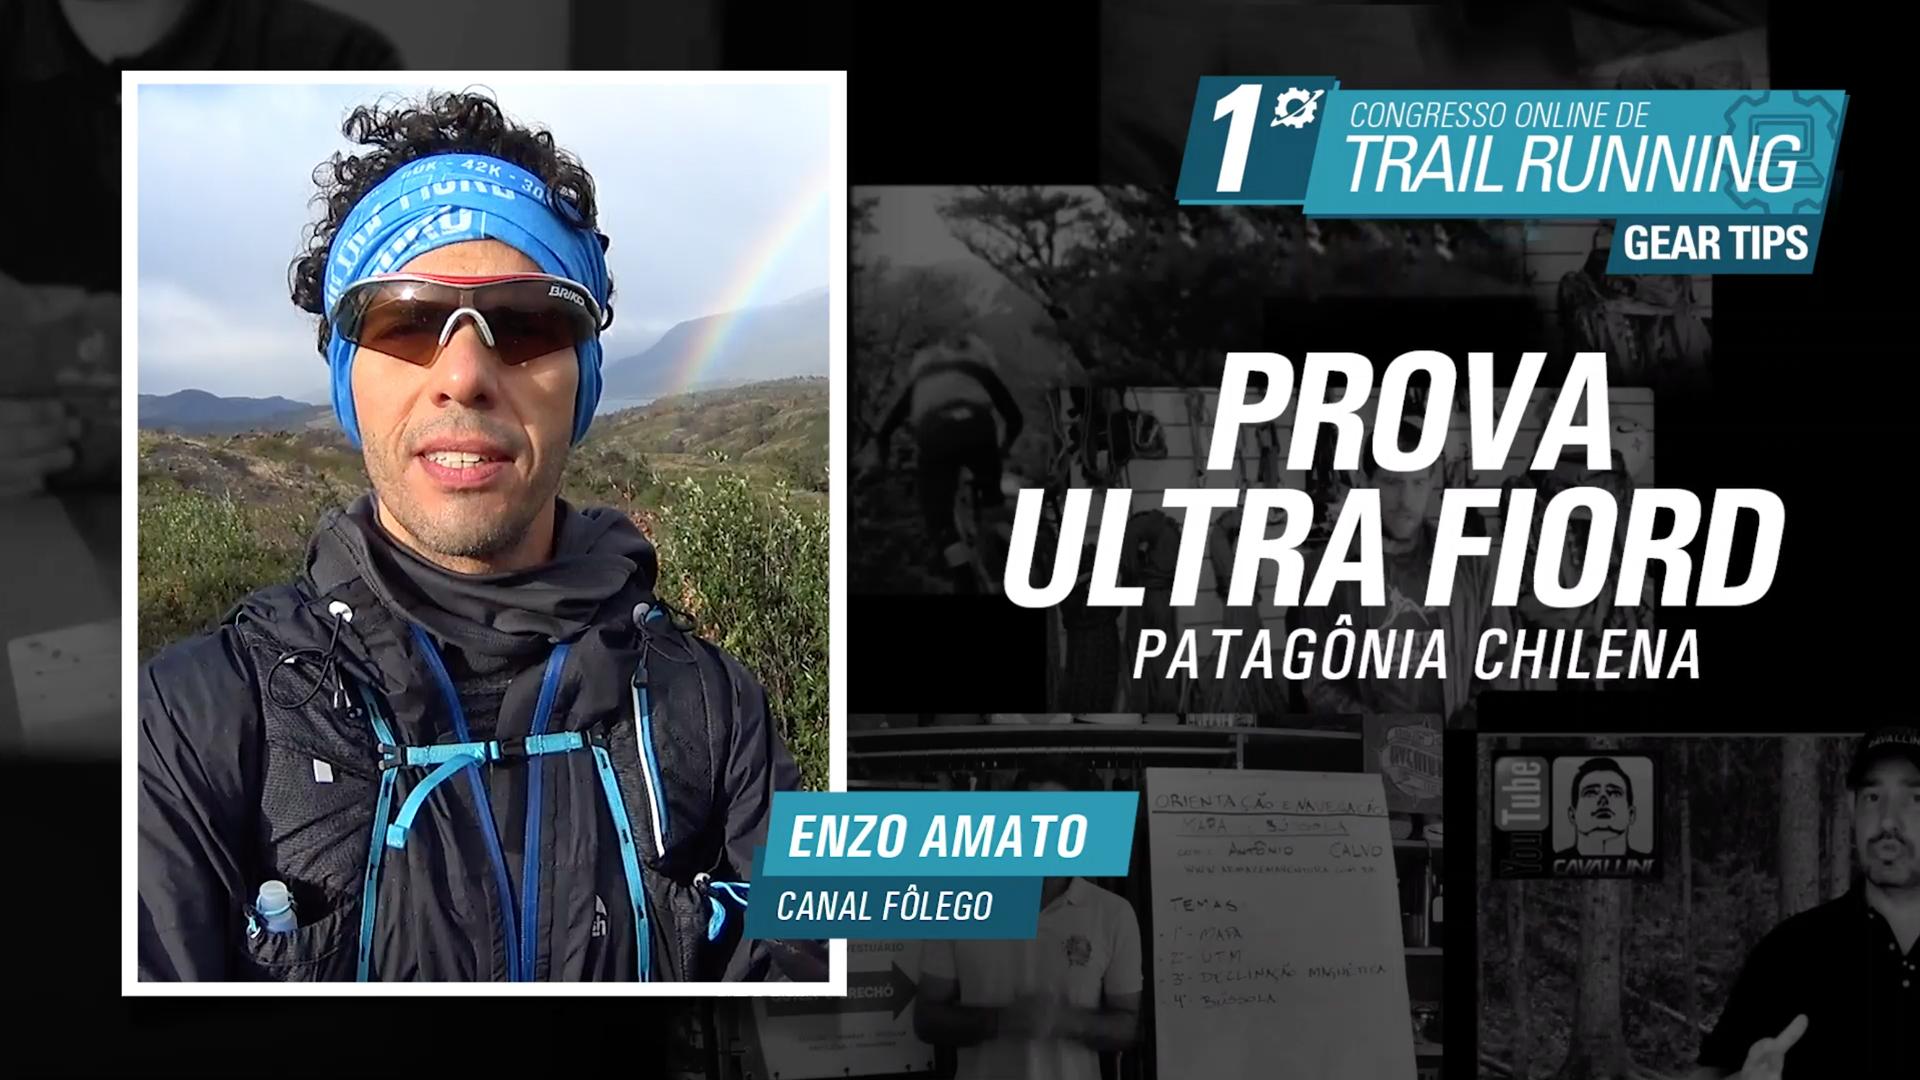 Ultra Fiord - Enzo Amato